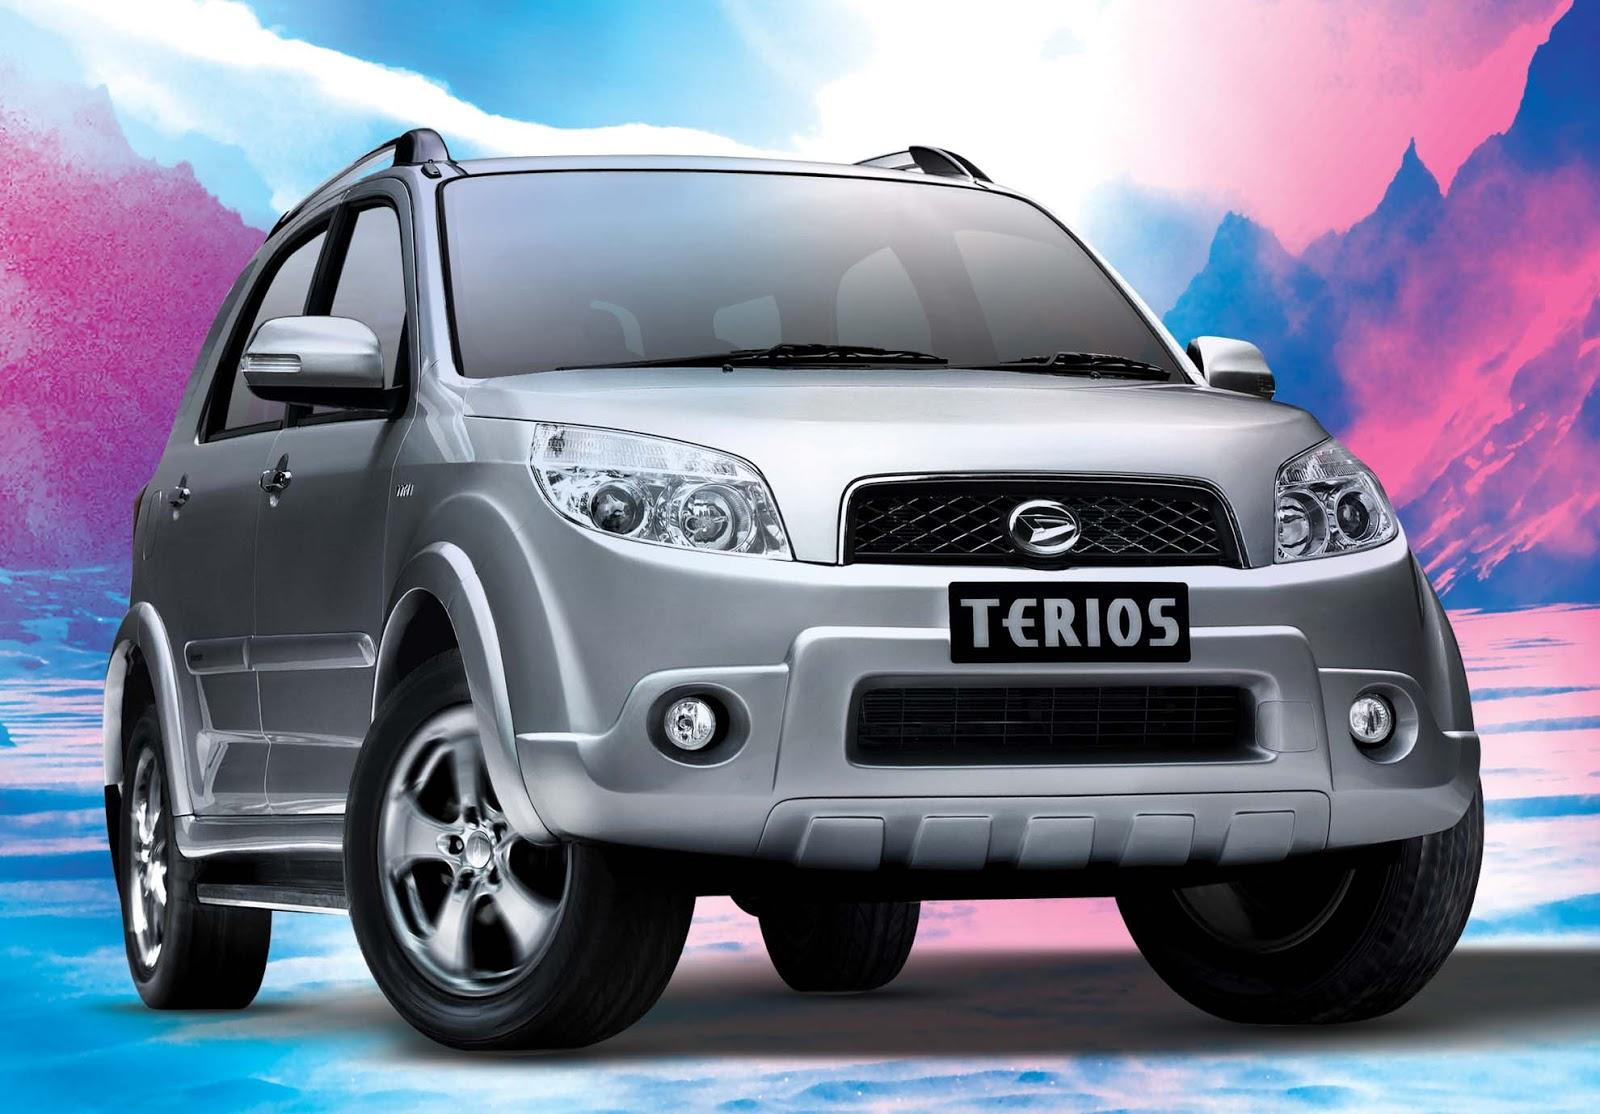 Modifikasi Mobil Terios Info Harga Mobil Dan Motor